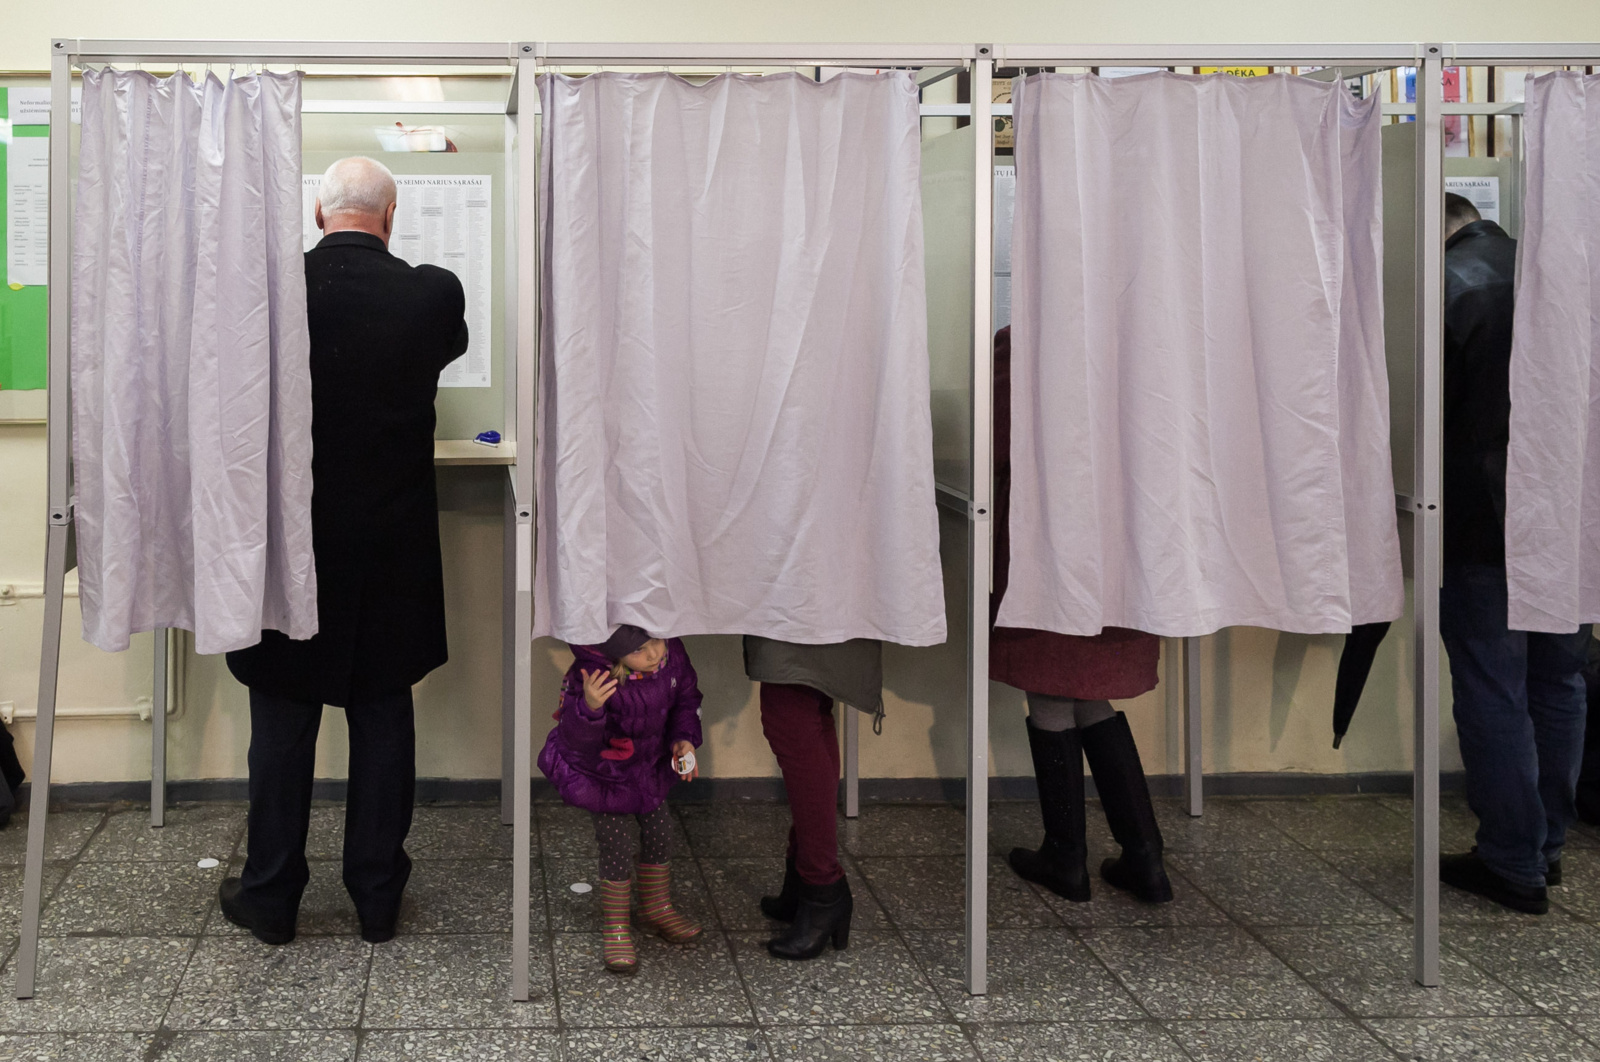 Rinkimuose į Seimą baigėsi balsavimas: aktyvumas mažesnis nei pirmajame ture